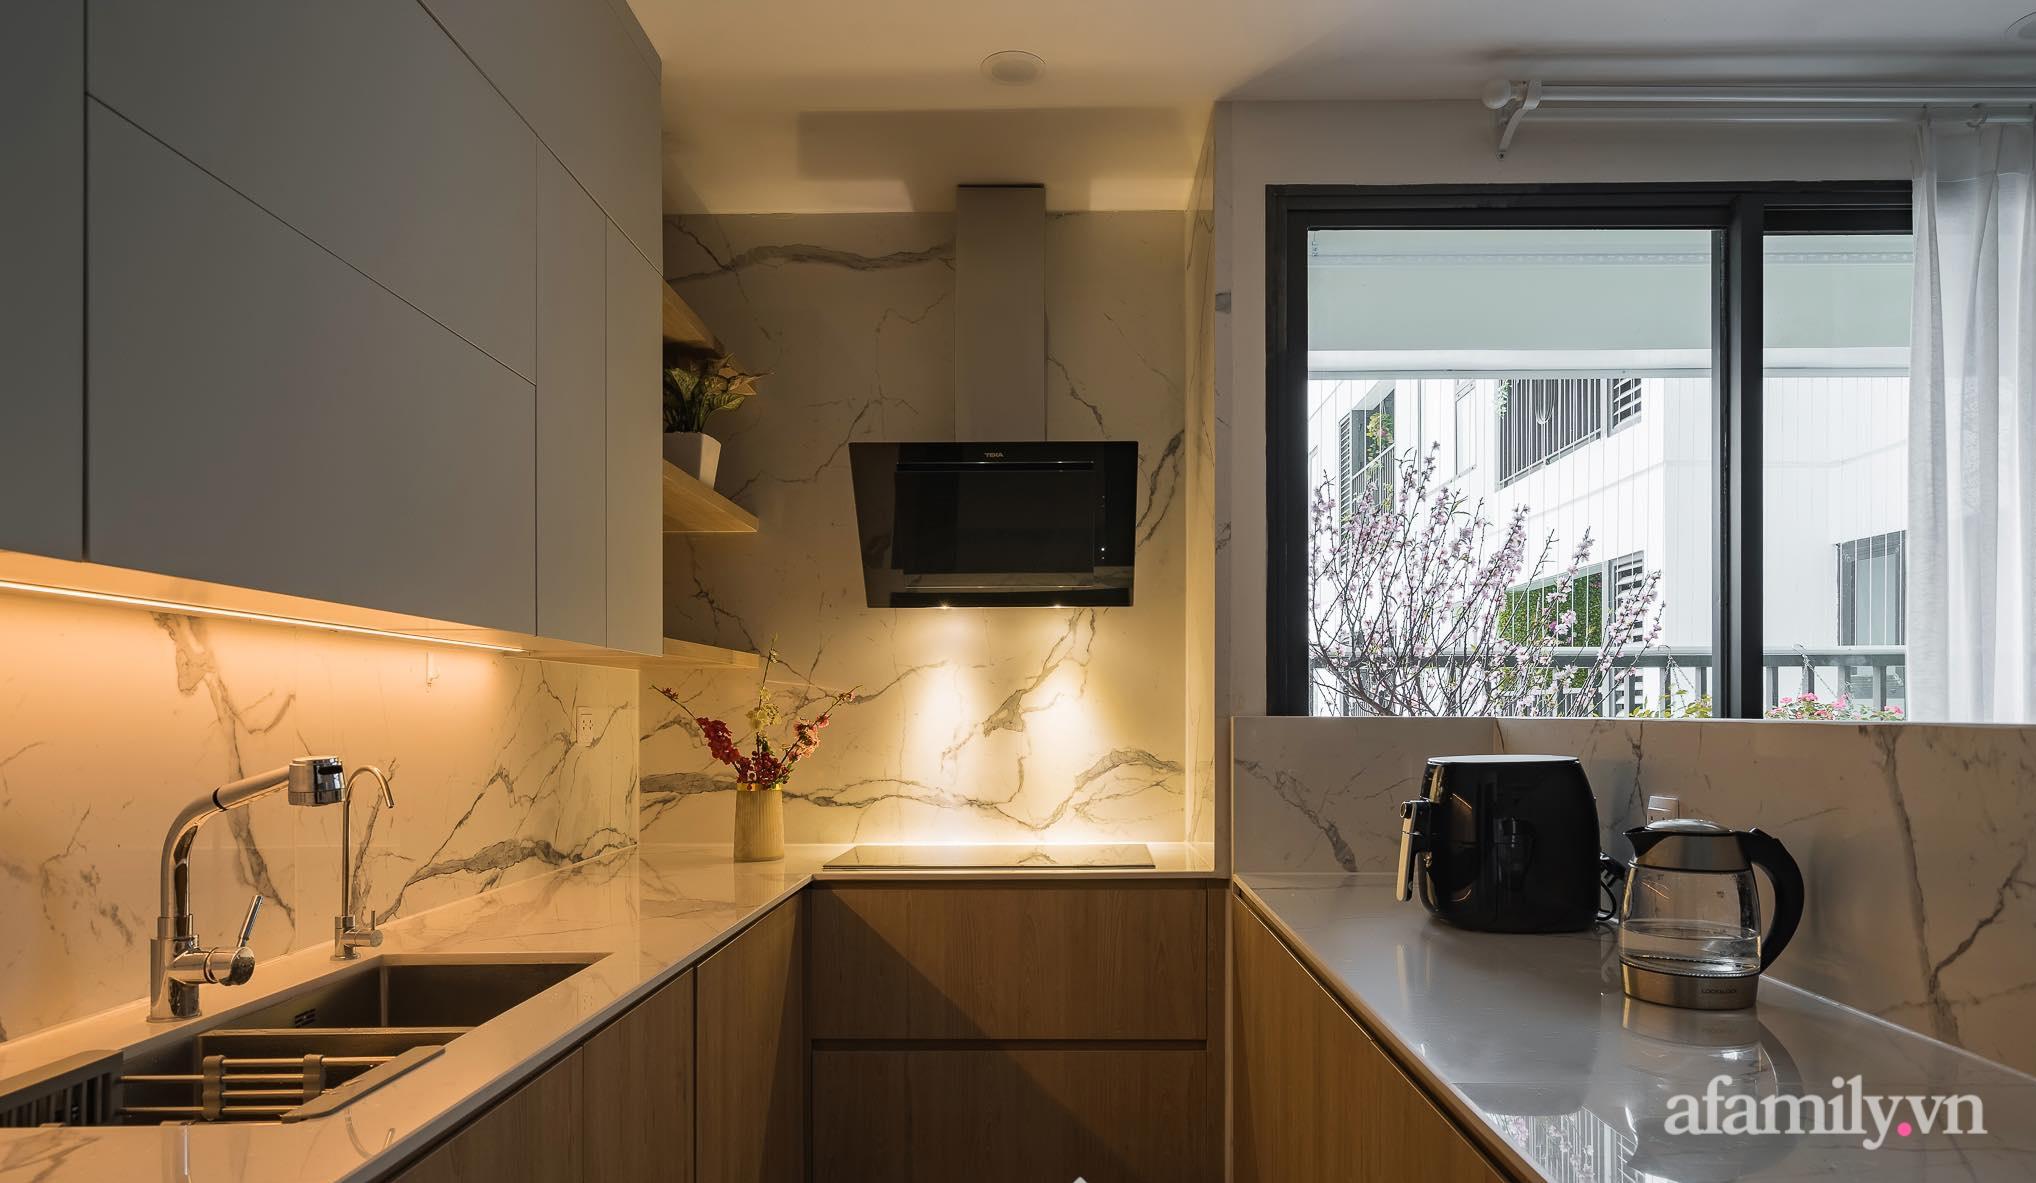 """Kiến trúc sư Hà Nội """"bật mí"""" về tam giác công năng và những điều cần lưu ý khi thiết kế bếp - Ảnh 2."""